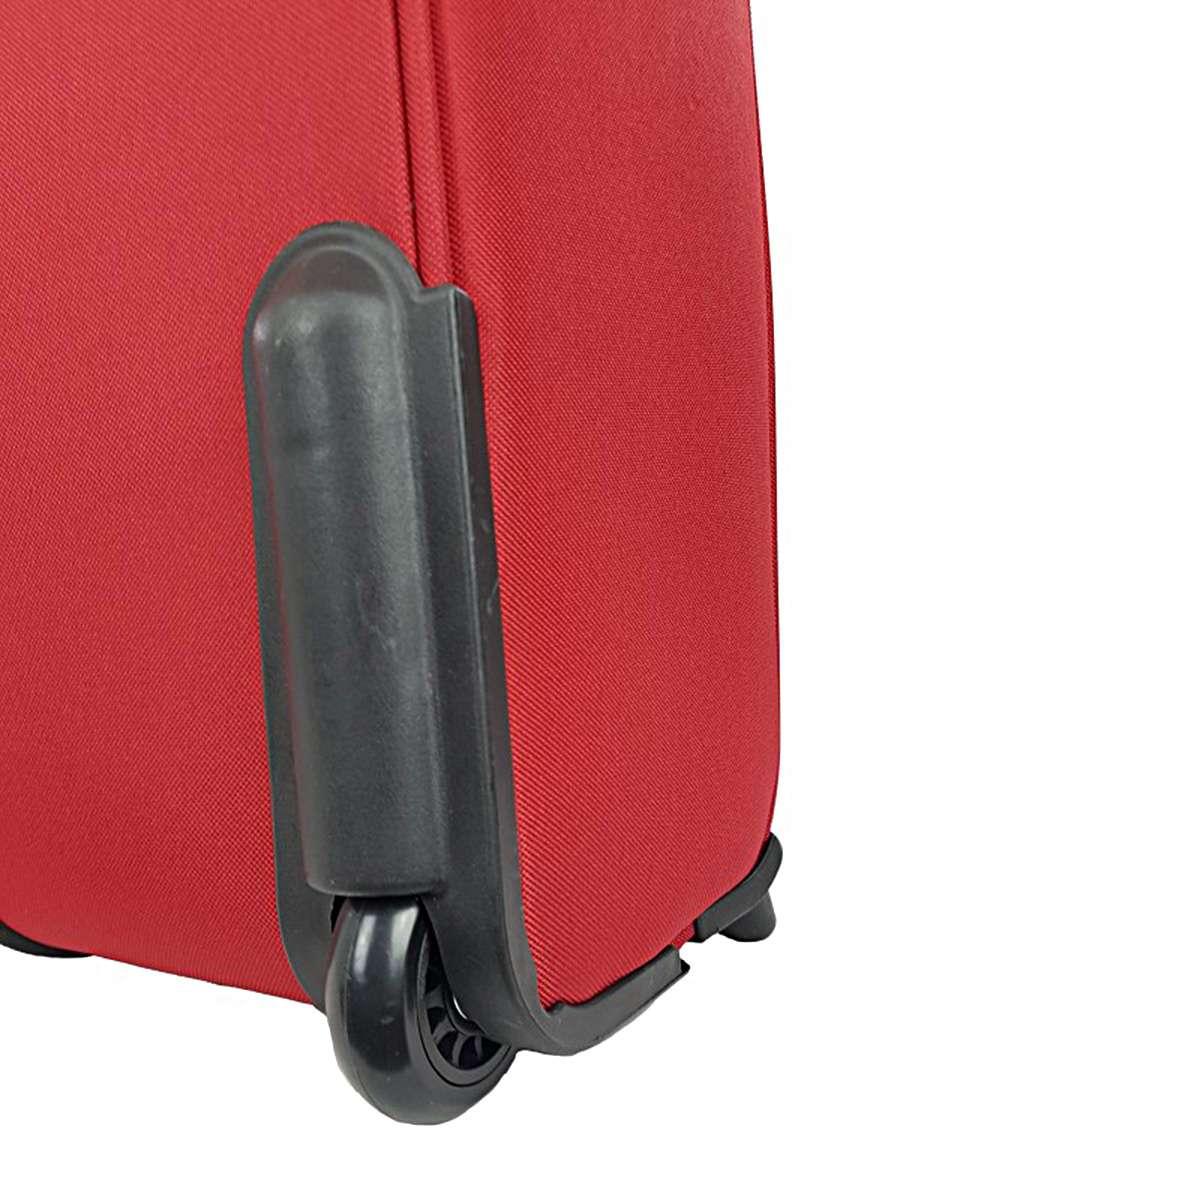 Βαλίτσα Καμπίνας Diplomat ZC600-55 Κόκκινη